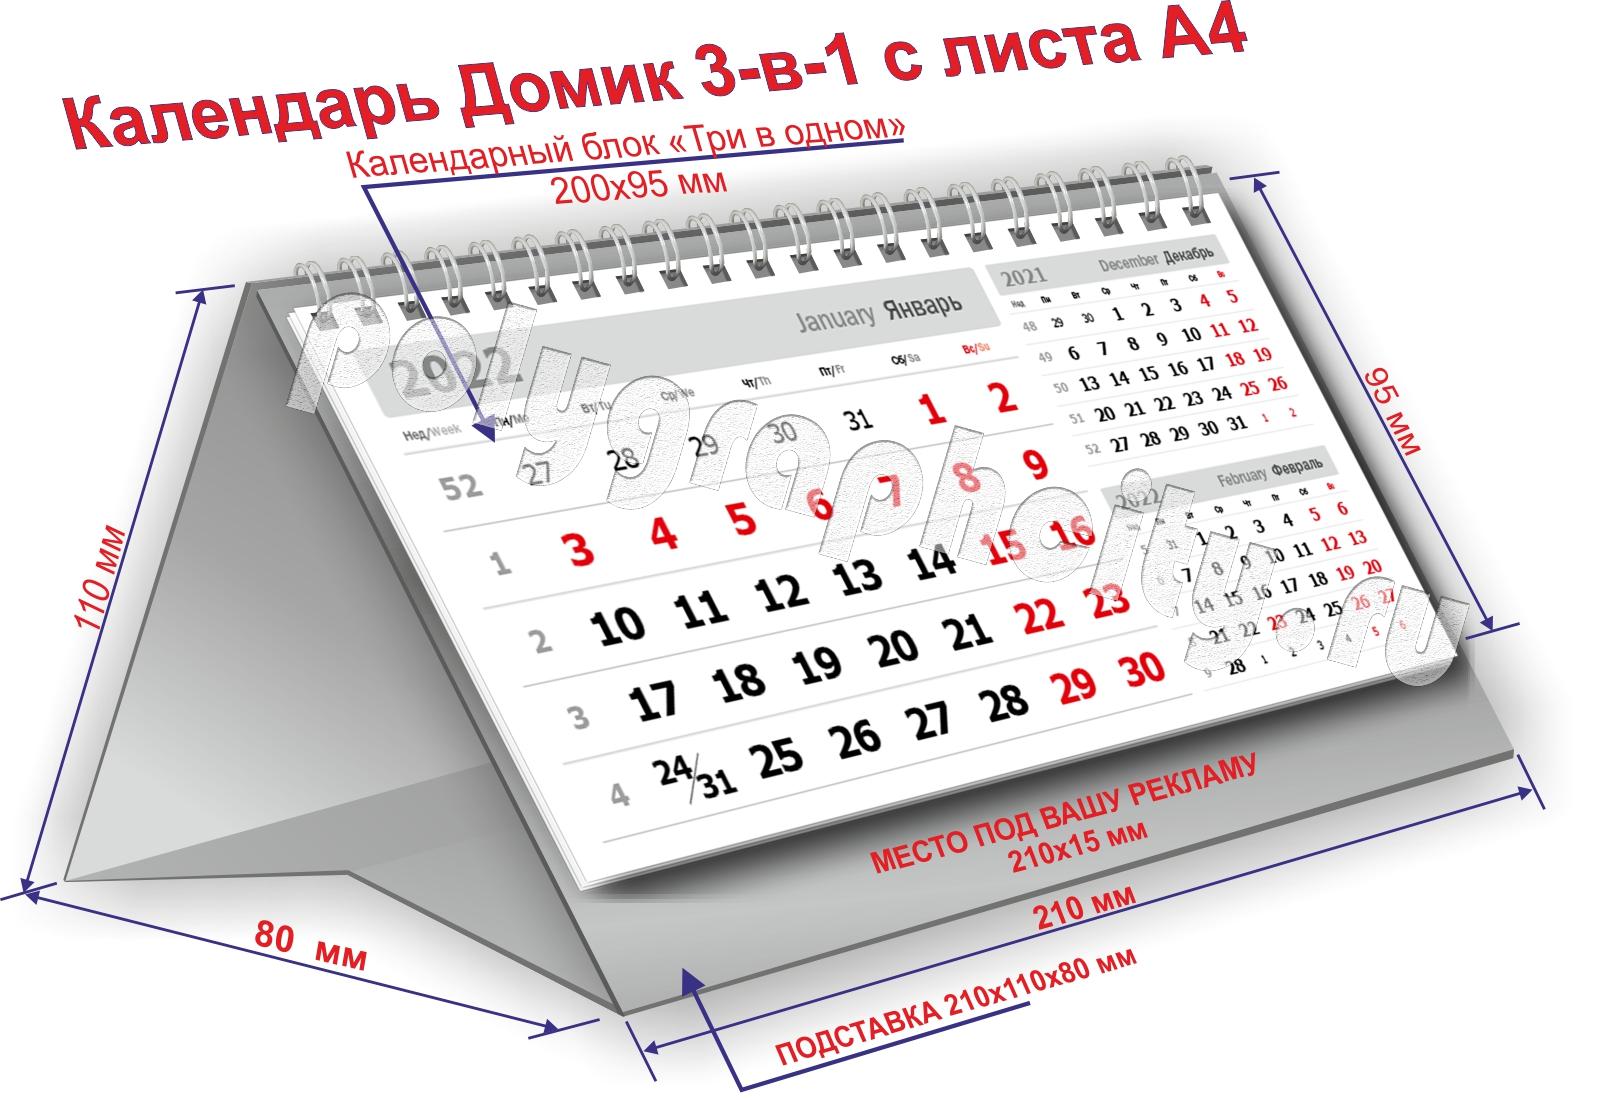 Настольный календарь 3 в 1 с листа А4